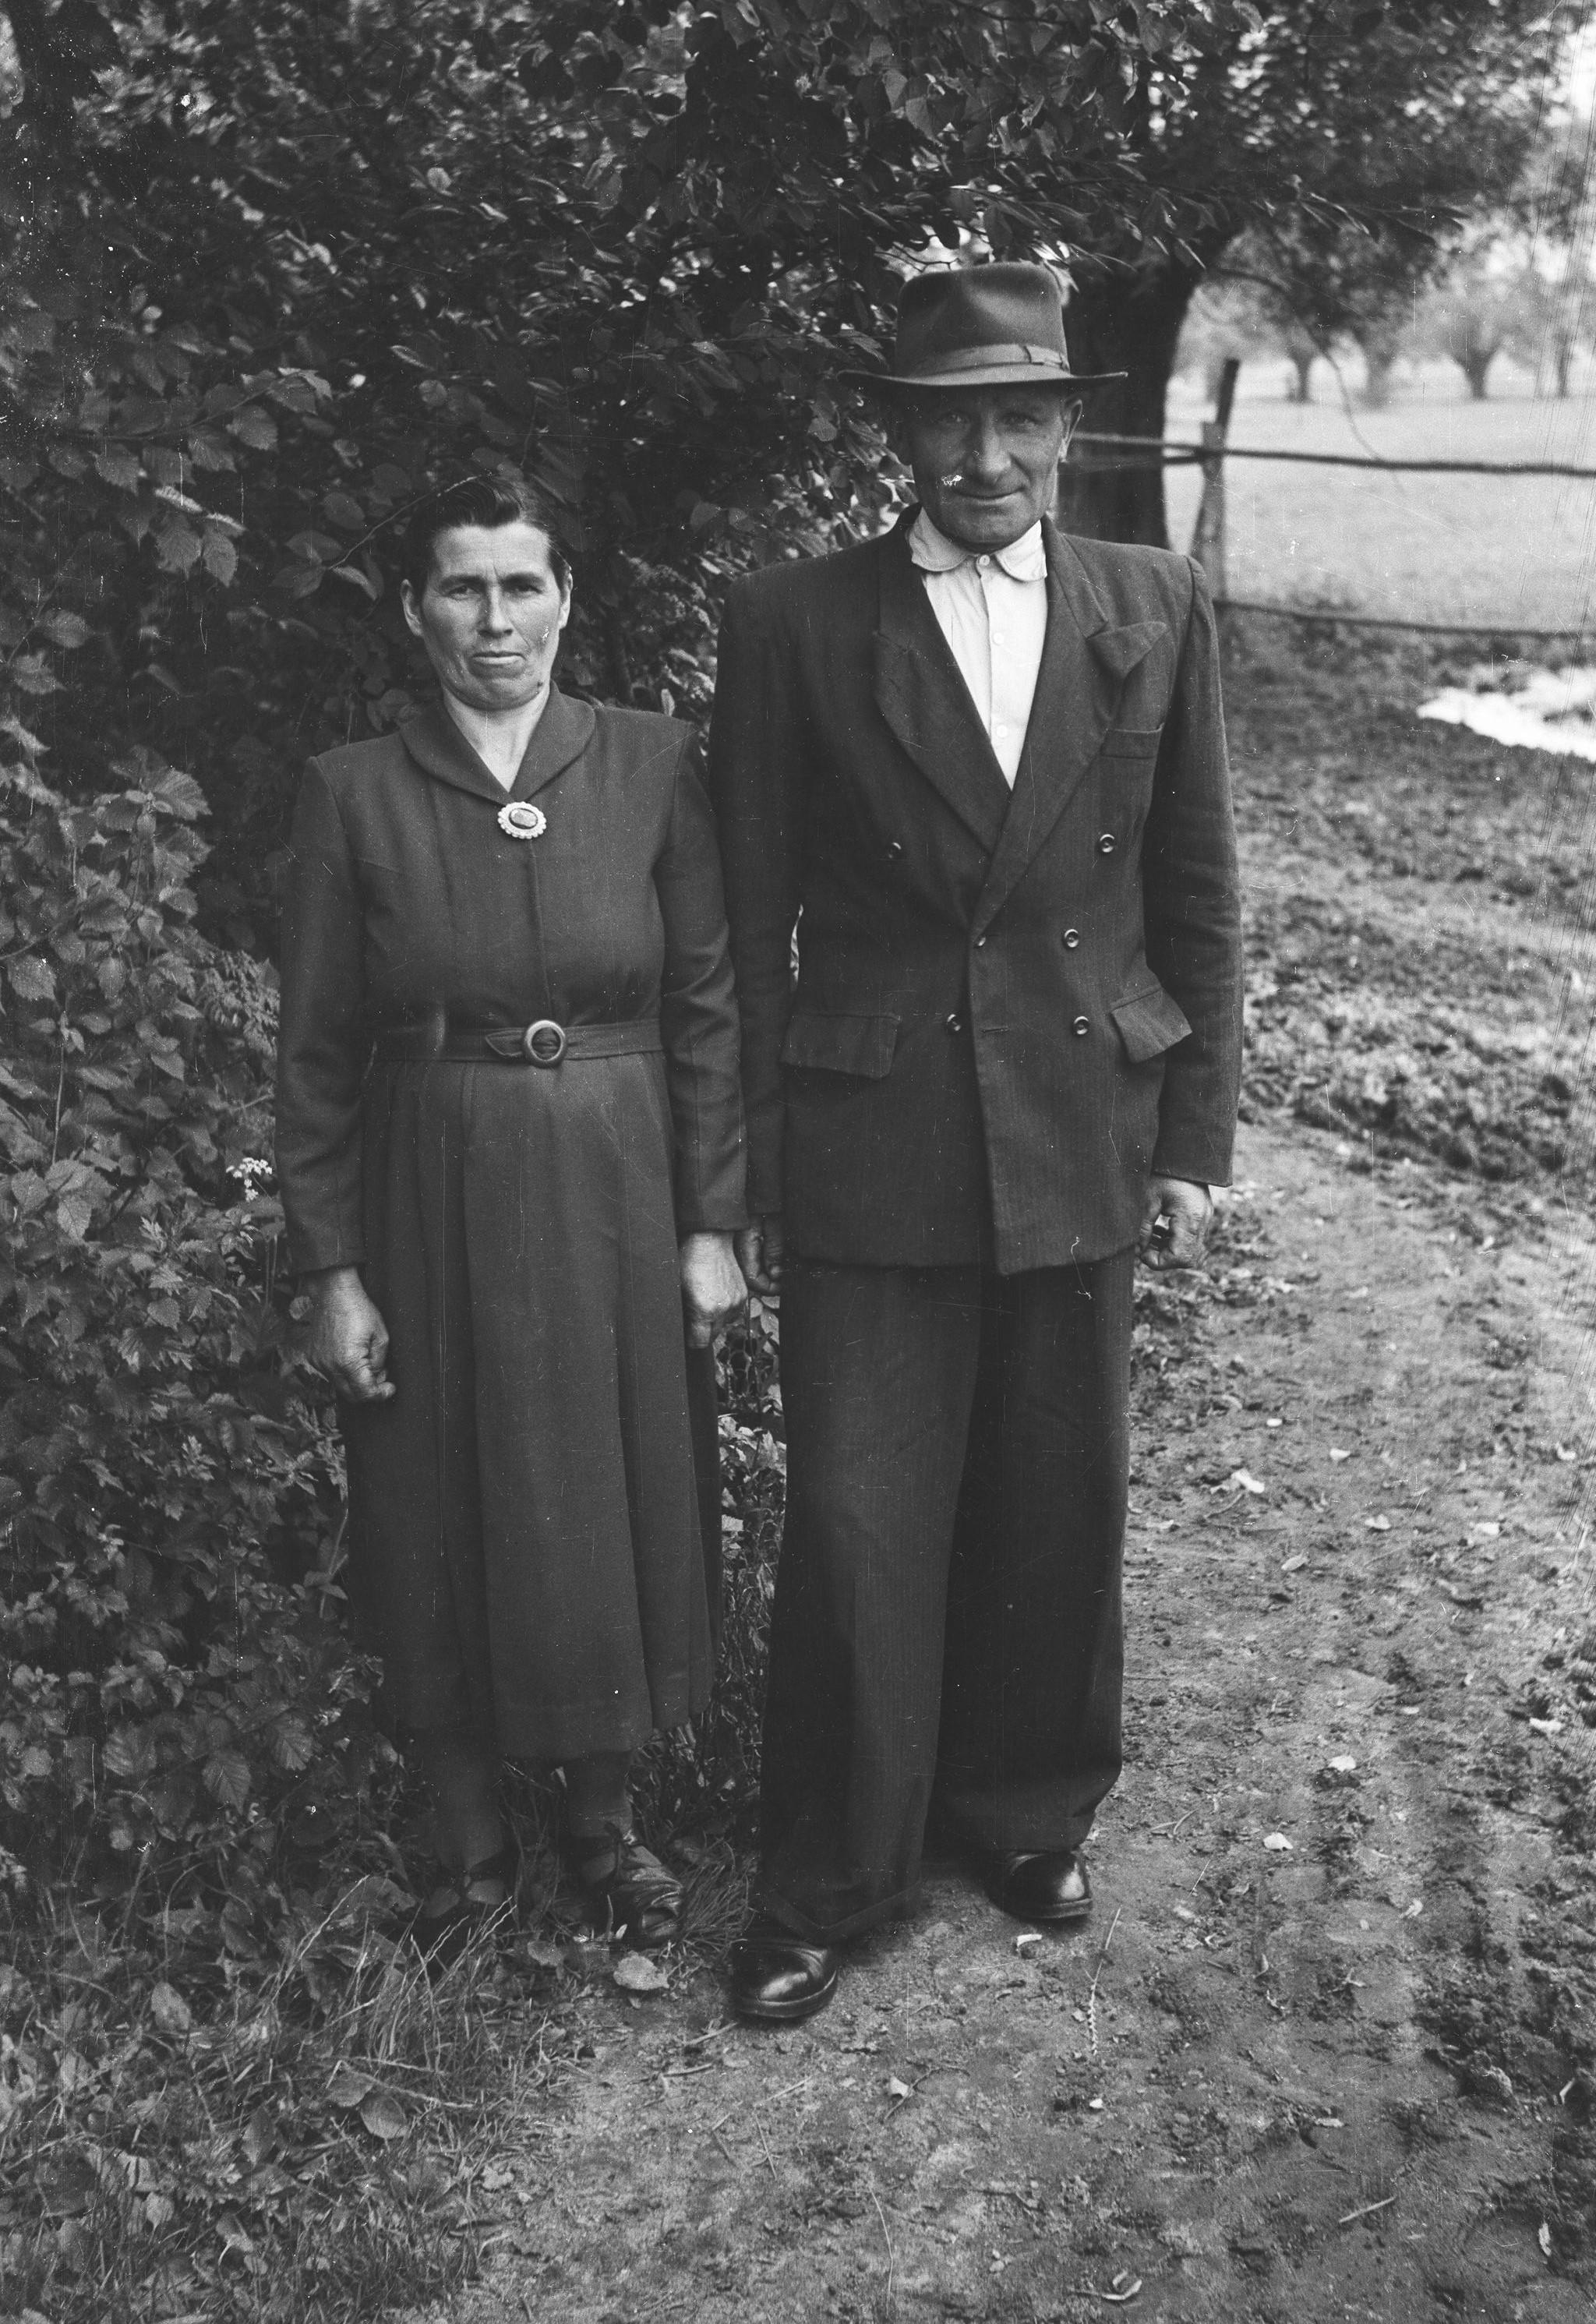 Małżeństwo Furyków, Turzany, Dolny Śląsk, lata 50. XX w.